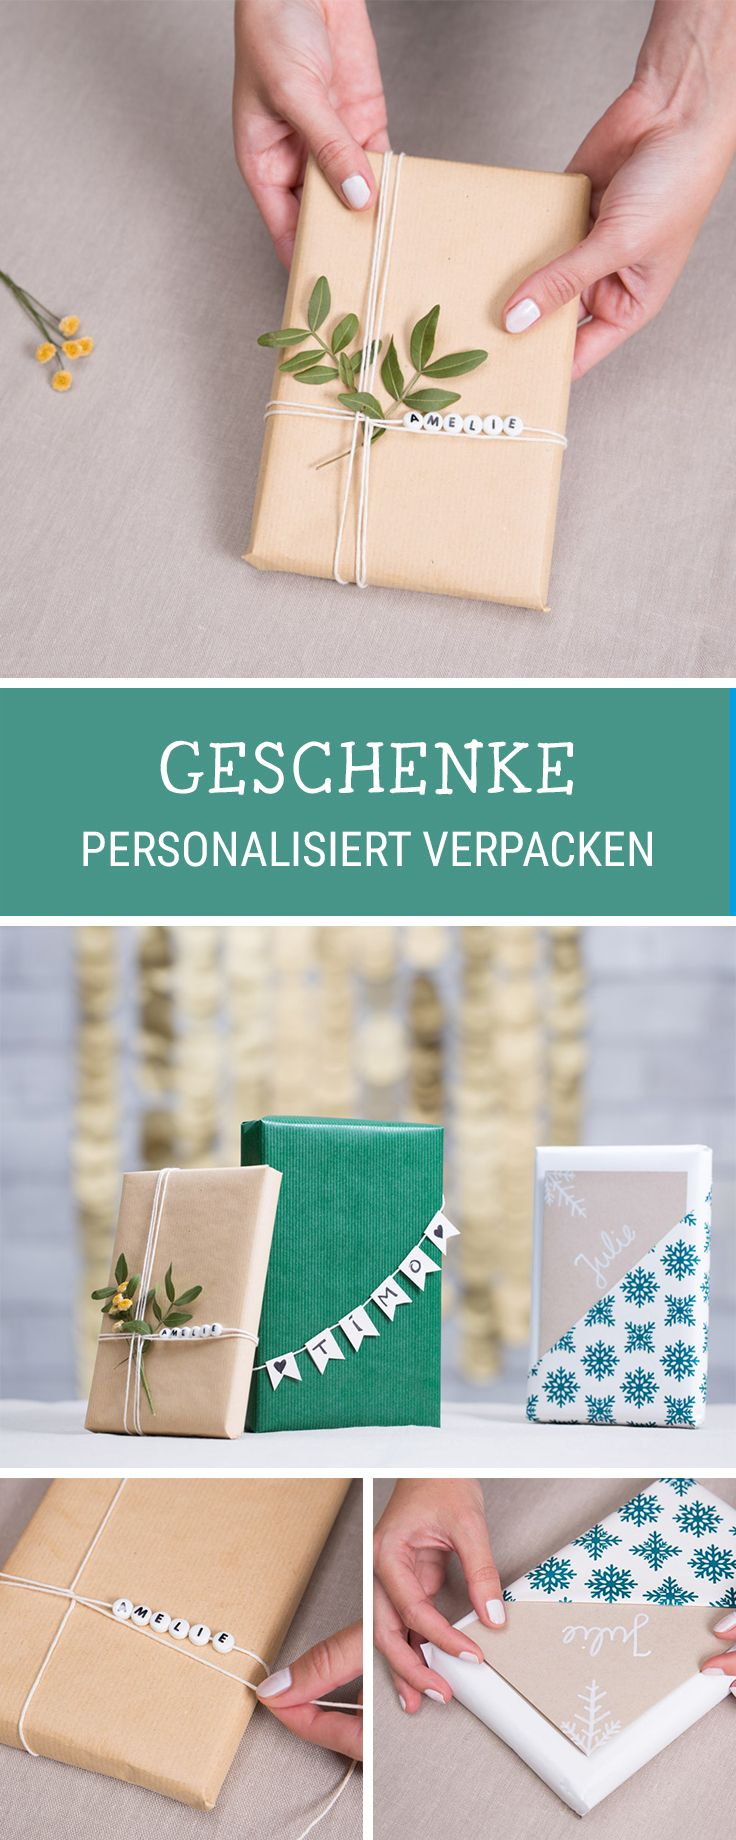 #kostenloseanleitung für personalisierte Geschenkverpackungen für Weihnachten, Geschenke mit Namen versehen / christmas gift wrapping ideas via DaWanda.com //  #dawandaandfriends